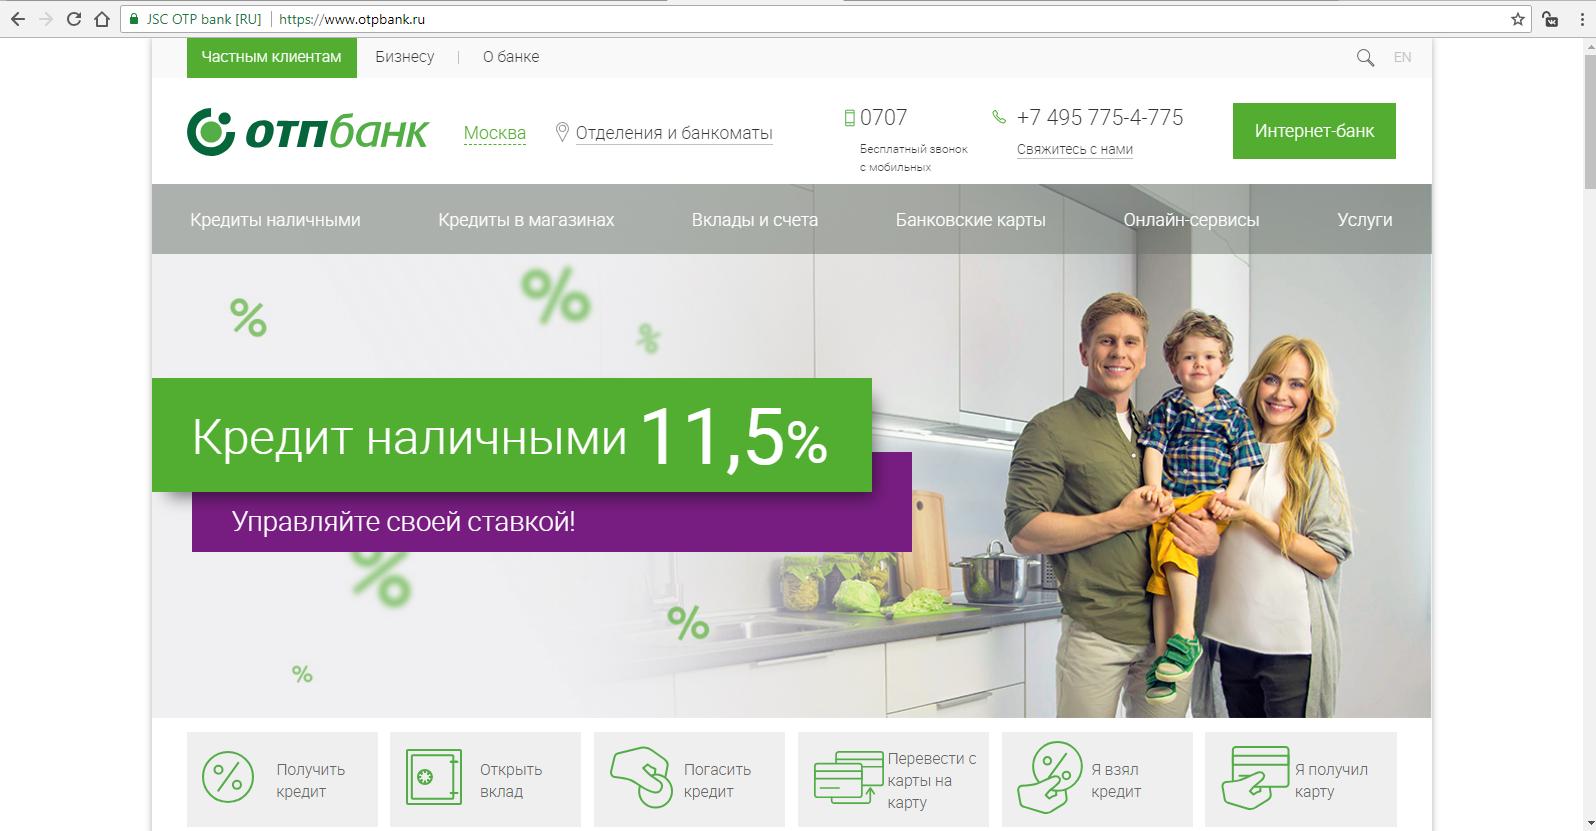 Сайт ОТП банка